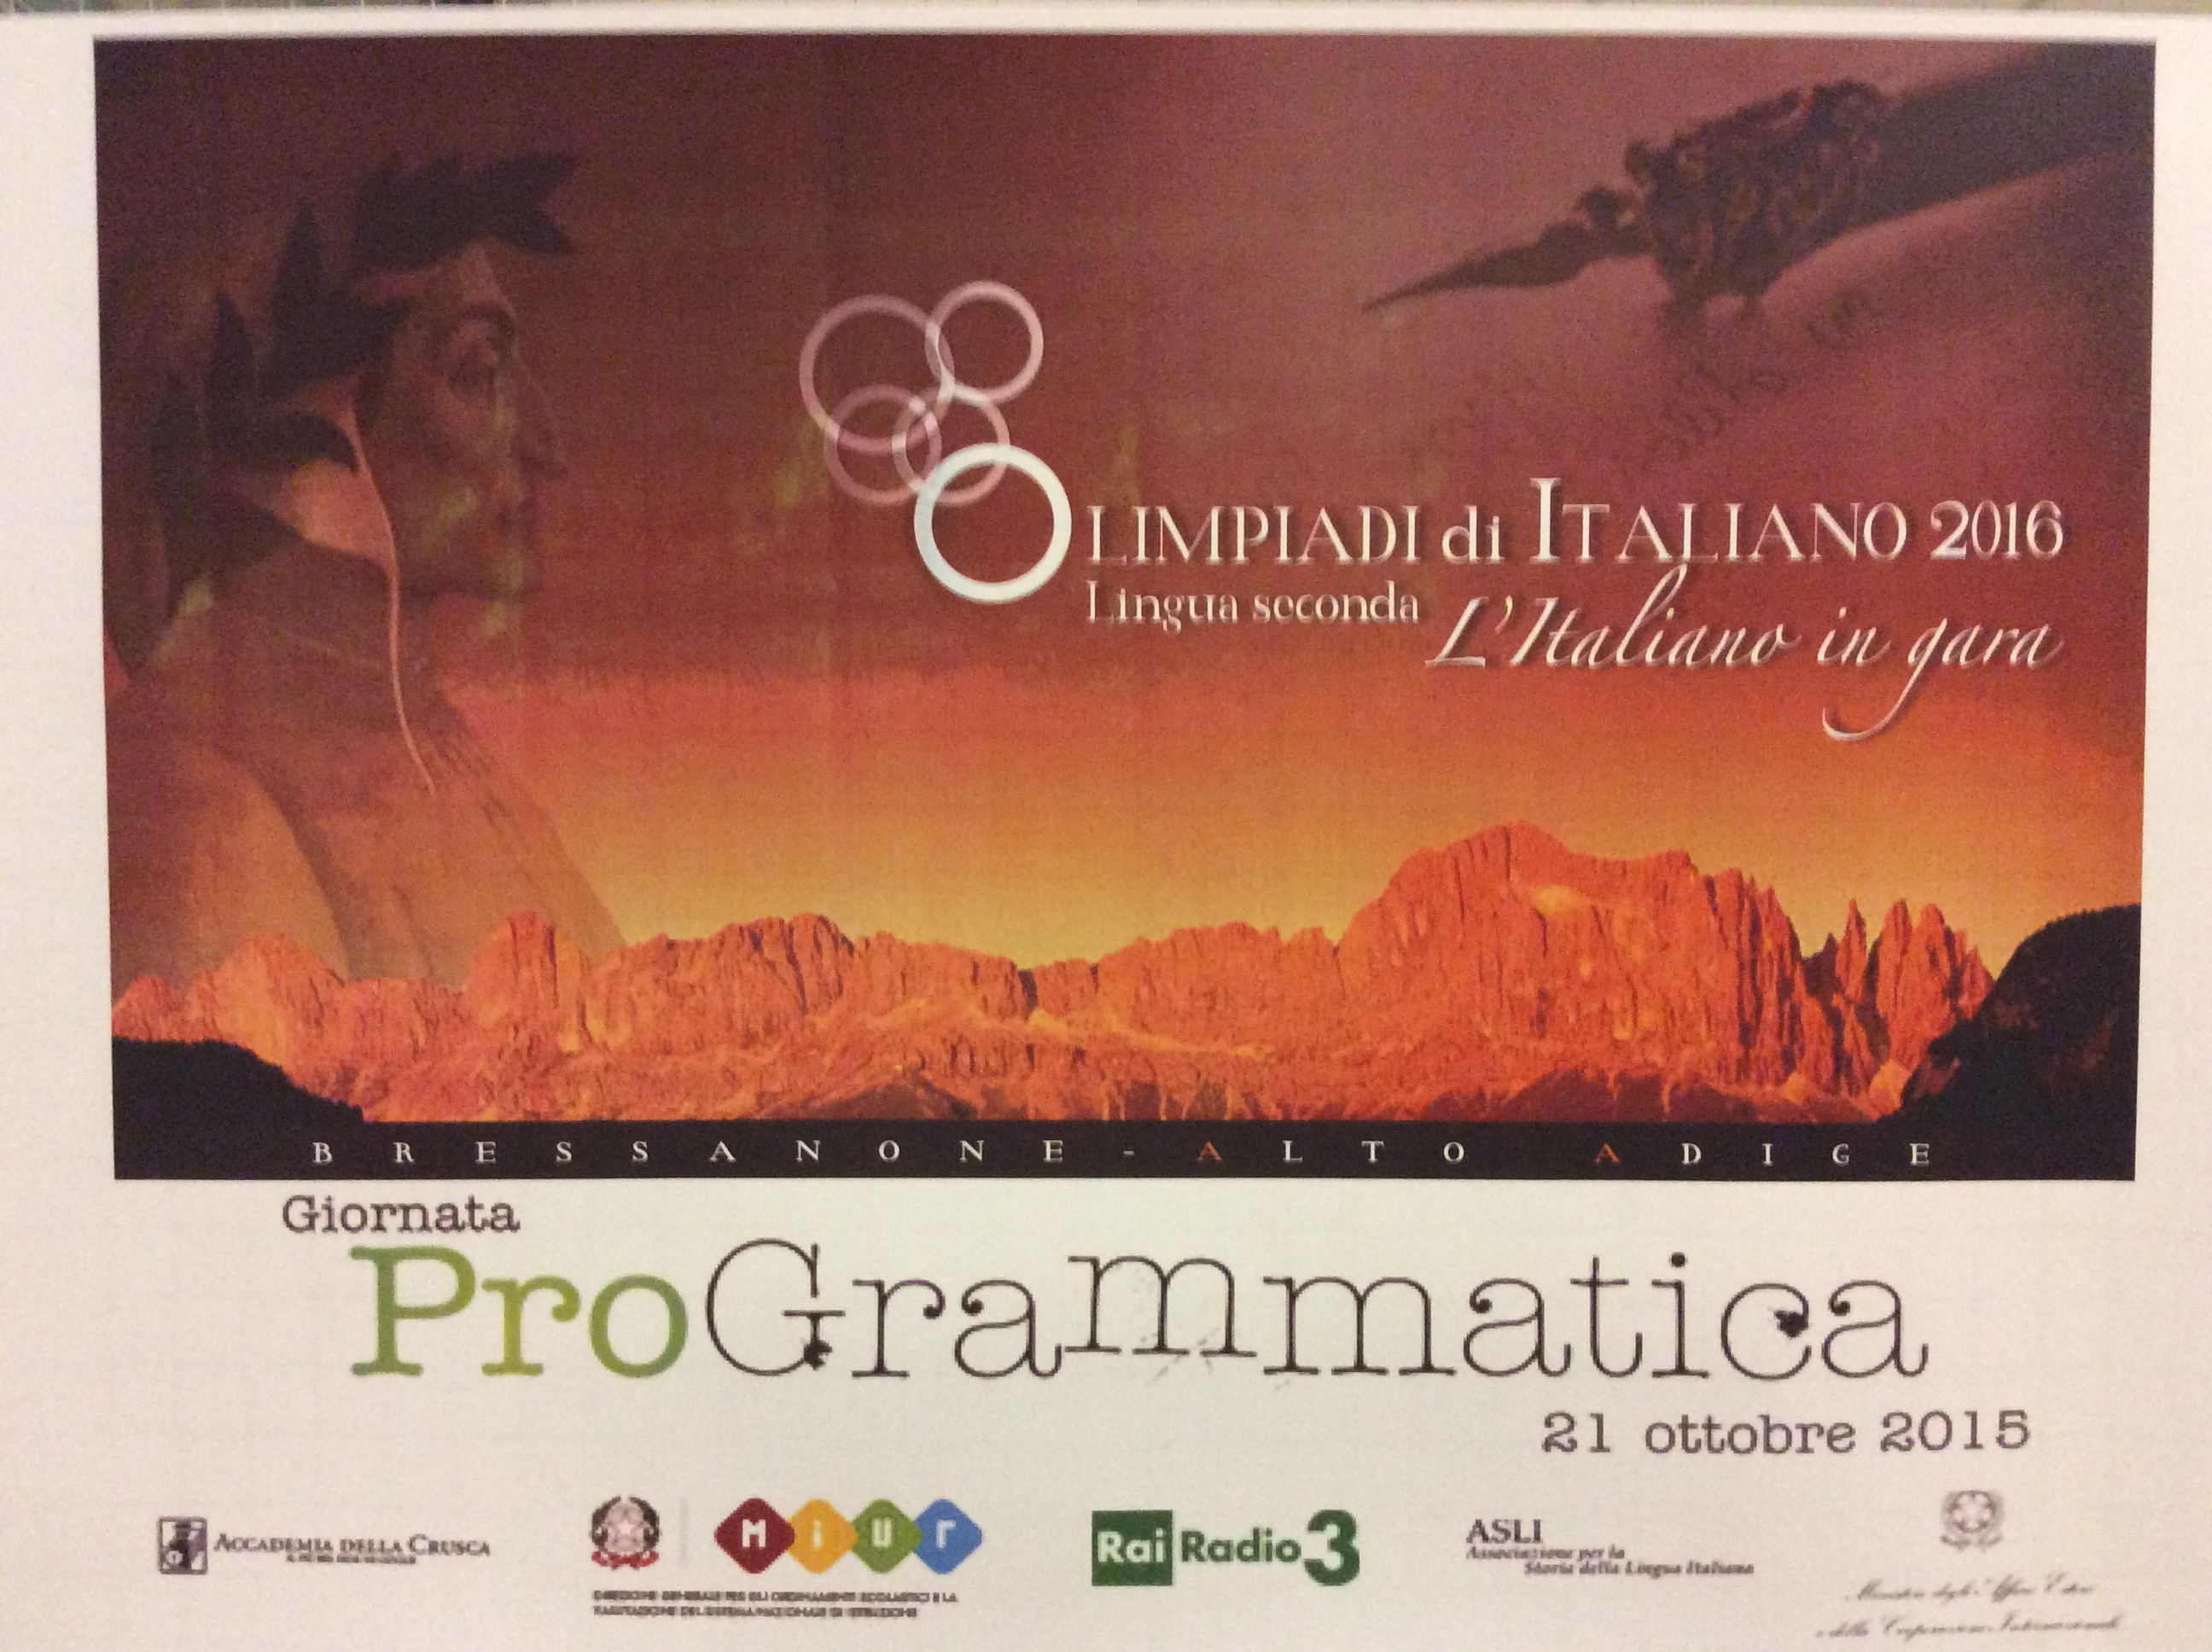 cartellone Olimpiadi - Giornata ProGrammatica